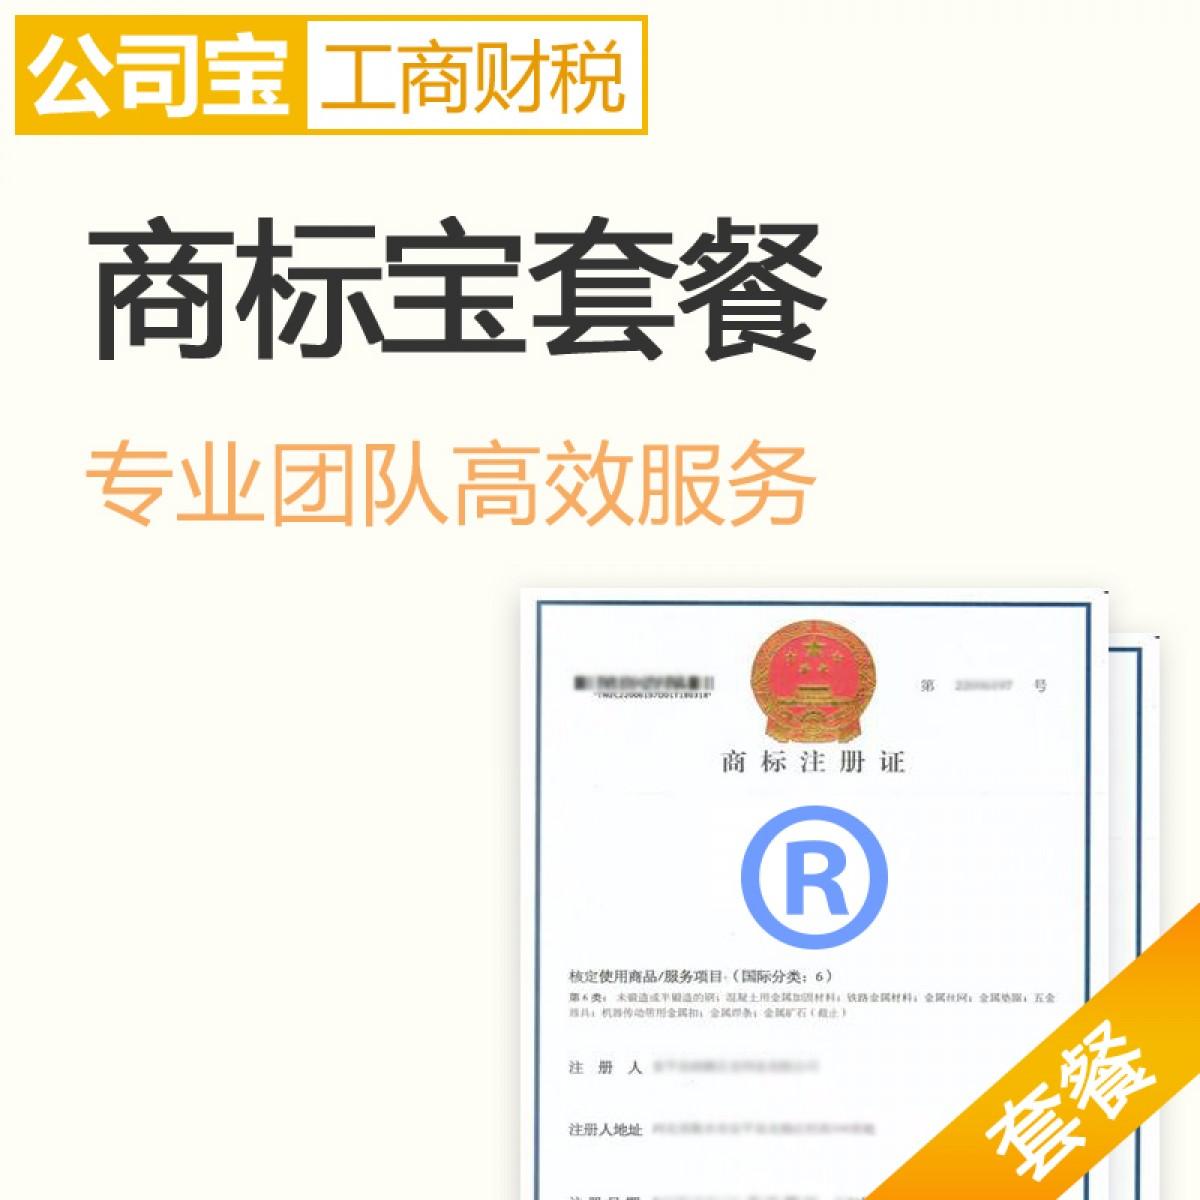 商标宝套餐  商标注册+作品著作权 公司宝知产中心 大陆地区